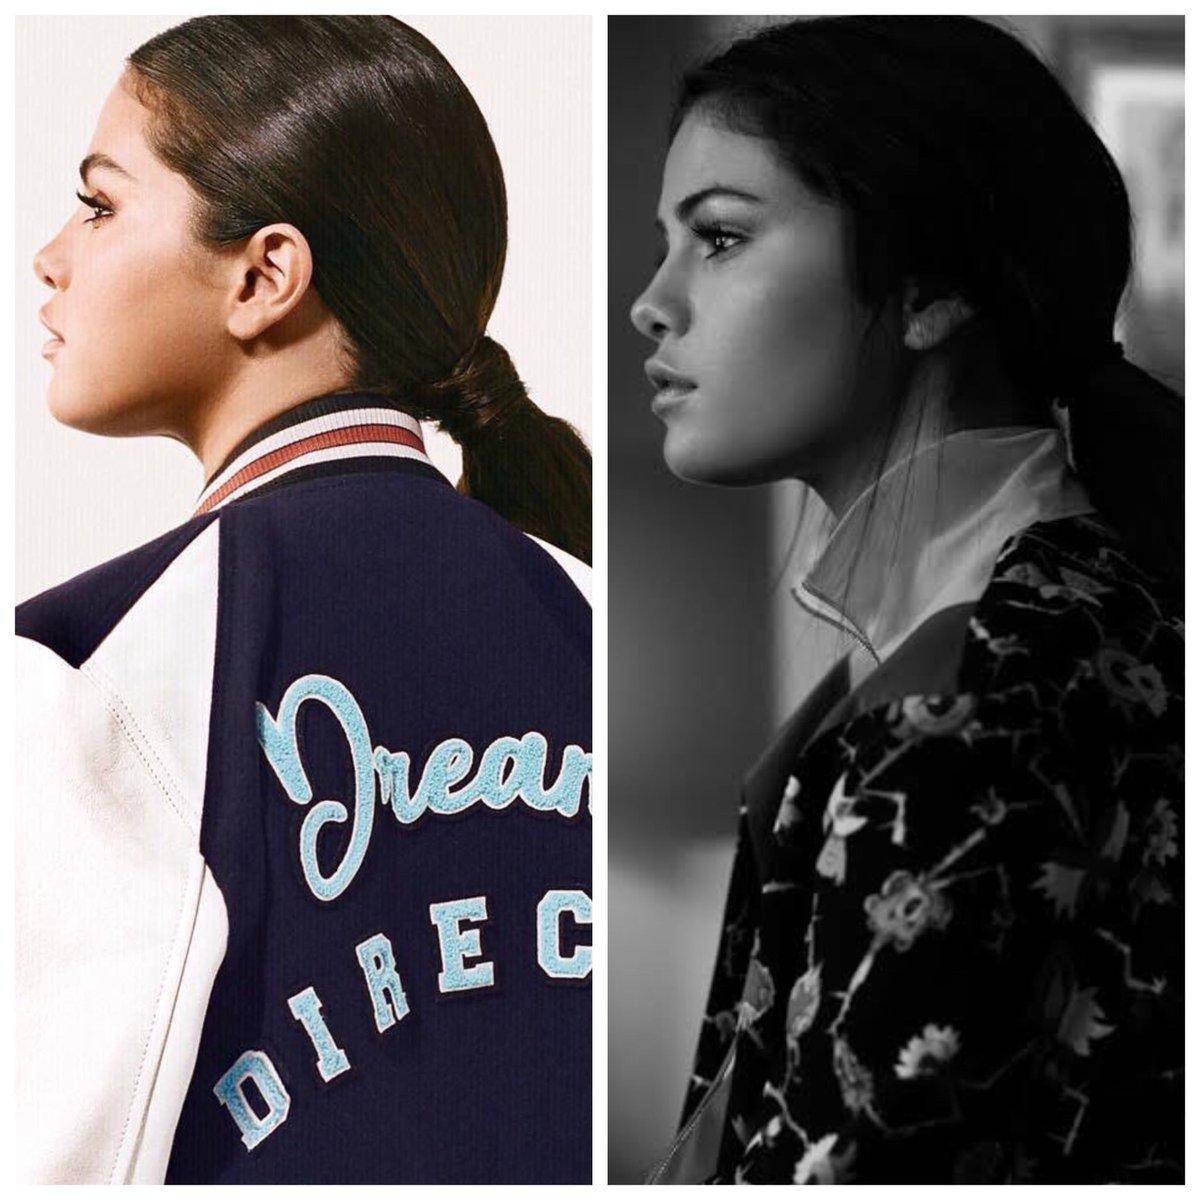 Selena Gomez's side profile😍👌🏻